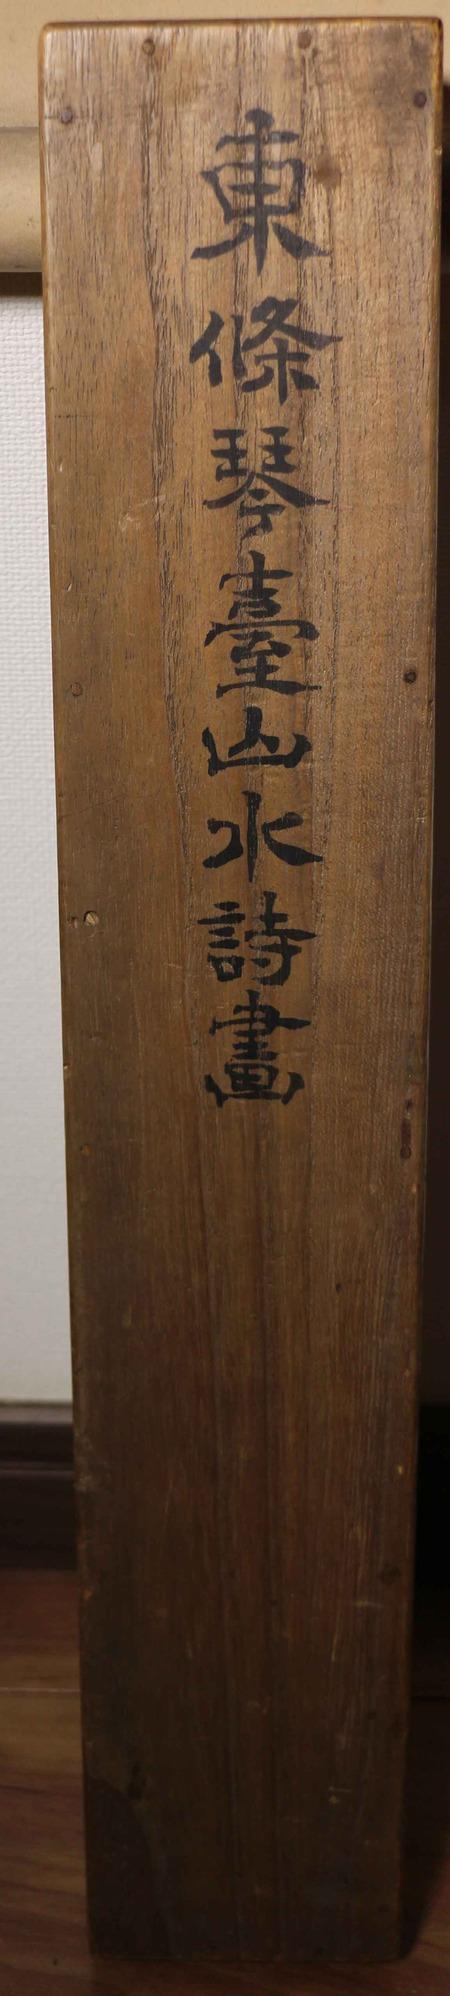 東條琴台筆水墨山水図自画讃6